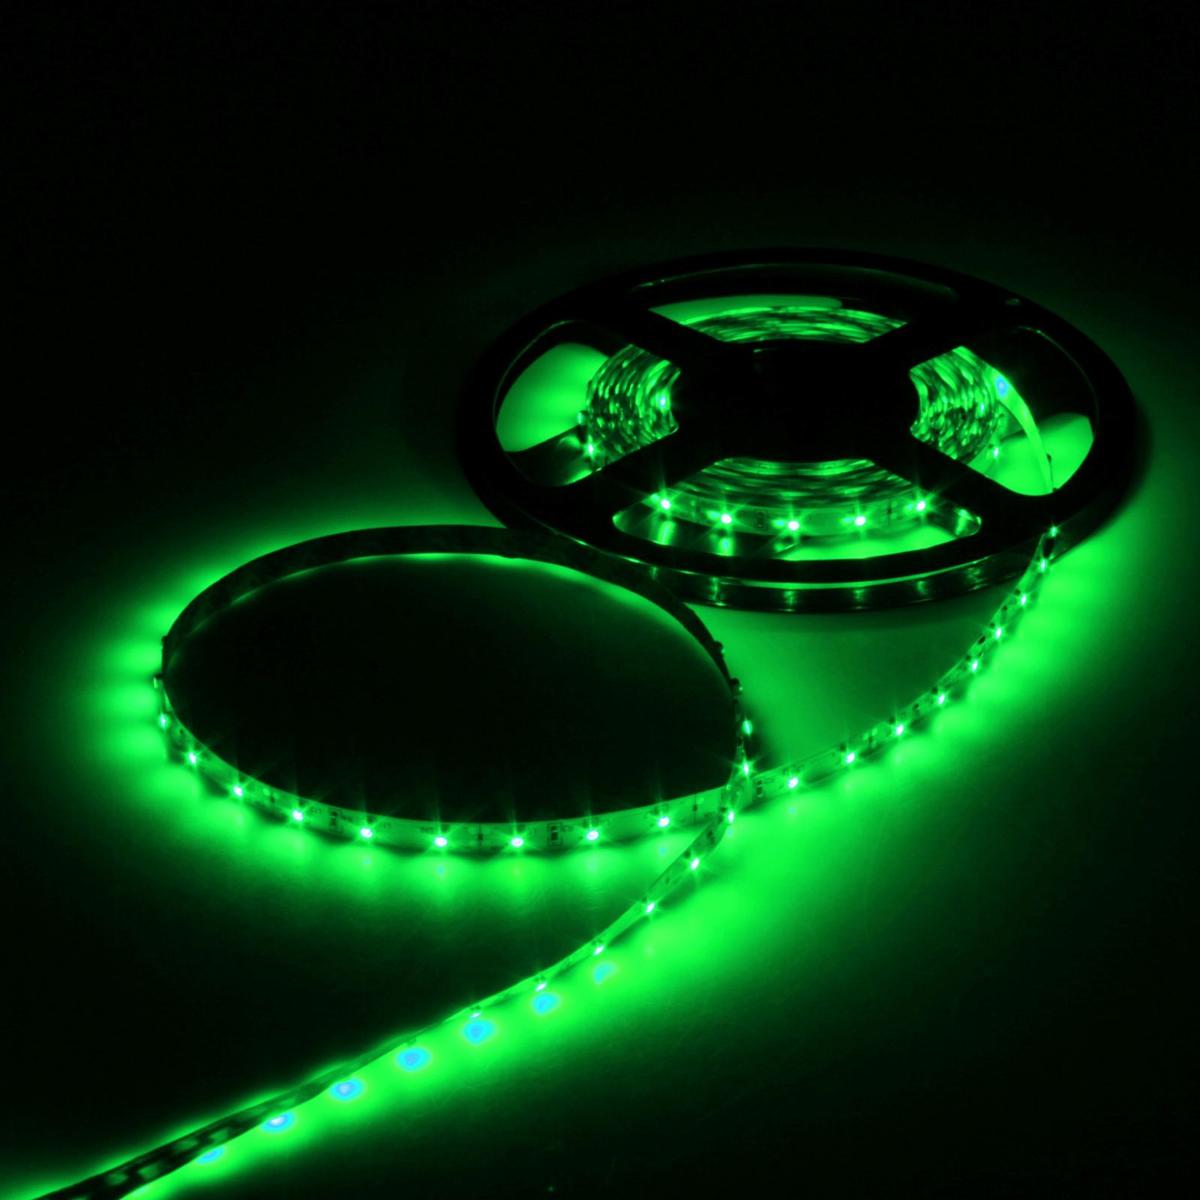 Светодиодная лента Luazon, 12В, SMD3528, длина 5 м, IP33, 60 LED ламп, 4.8 Вт/м, 6-7 Лм/1 LED, DC, цвет: зеленый883873Светодиодные гирлянды, ленты и т.д — это отличный вариант для новогоднего оформления интерьера или фасада. С их помощью помещение любого размера можно превратить в праздничный зал, а внешние элементы зданий, украшенные ими, мгновенно станут напоминать очертания сказочного дворца. Такие украшения создают ауру предвкушения чуда. Деревья, фасады, витрины, окна и арки будто специально созданы, чтобы вы украсили их светящимися нитями.